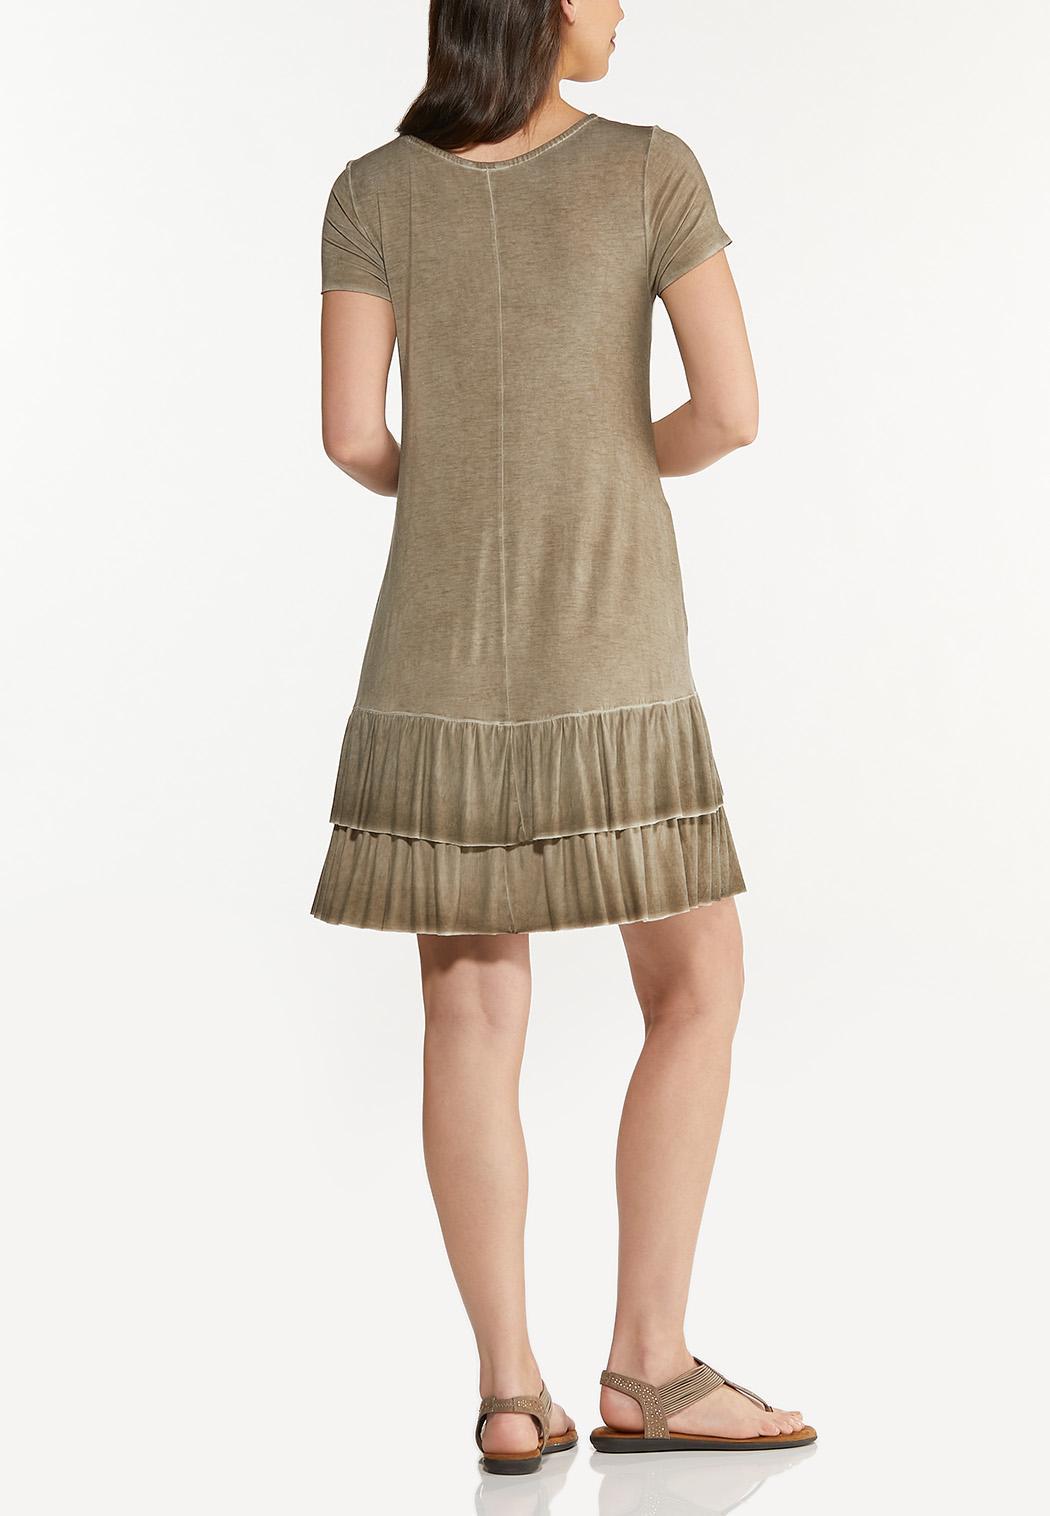 Summer Sand Flounced Dress (Item #44607453)